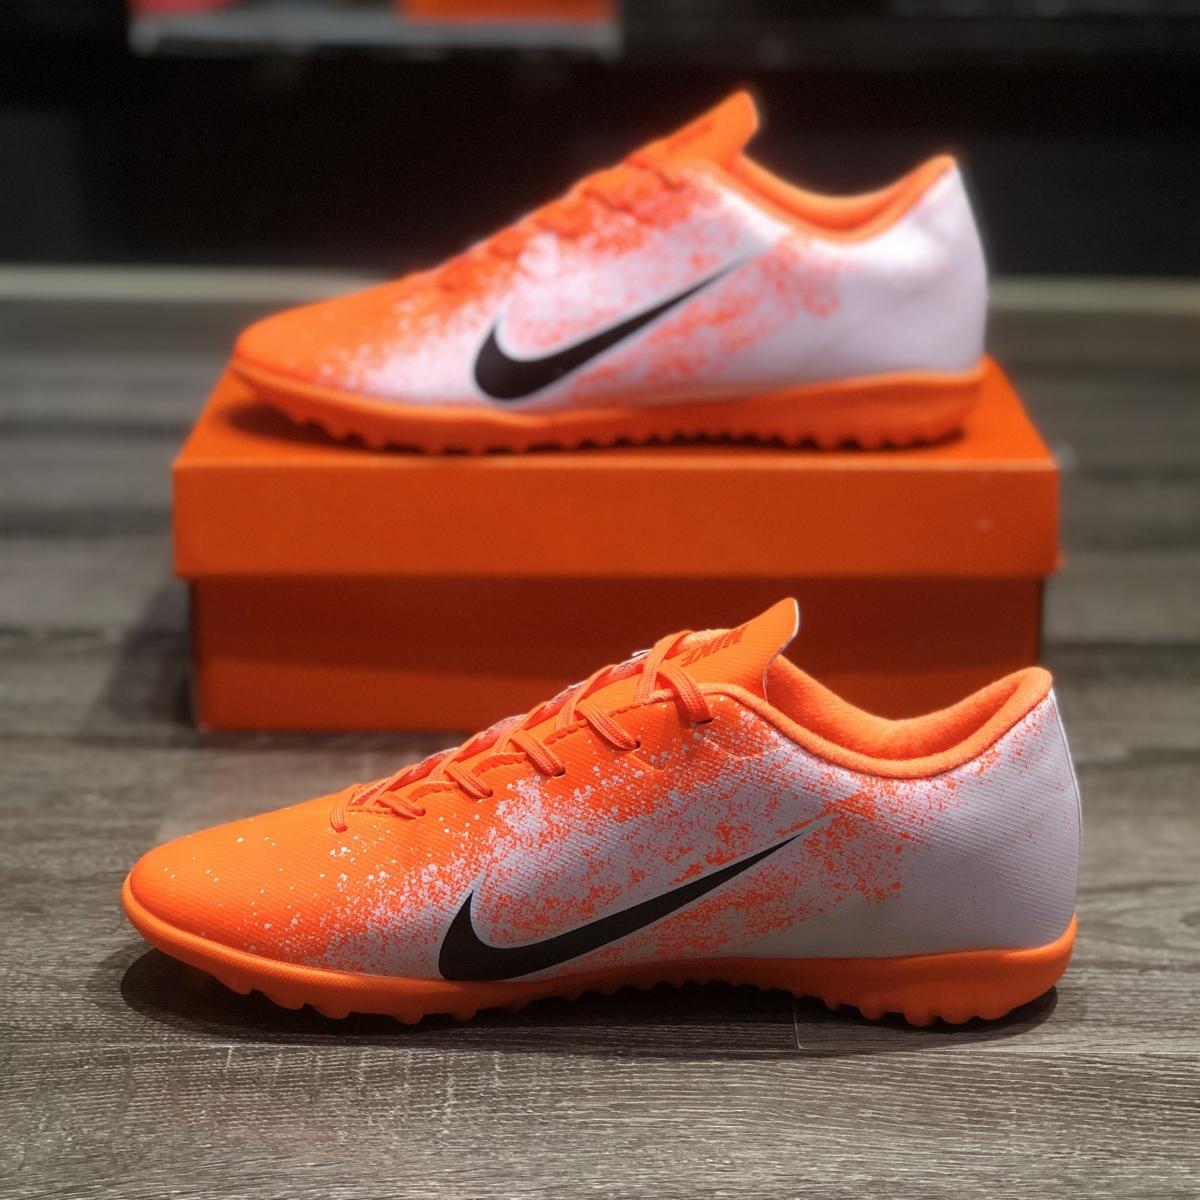 Giày Bóng Đá Nike Mercurial Trắng Cam Đế Cam TF